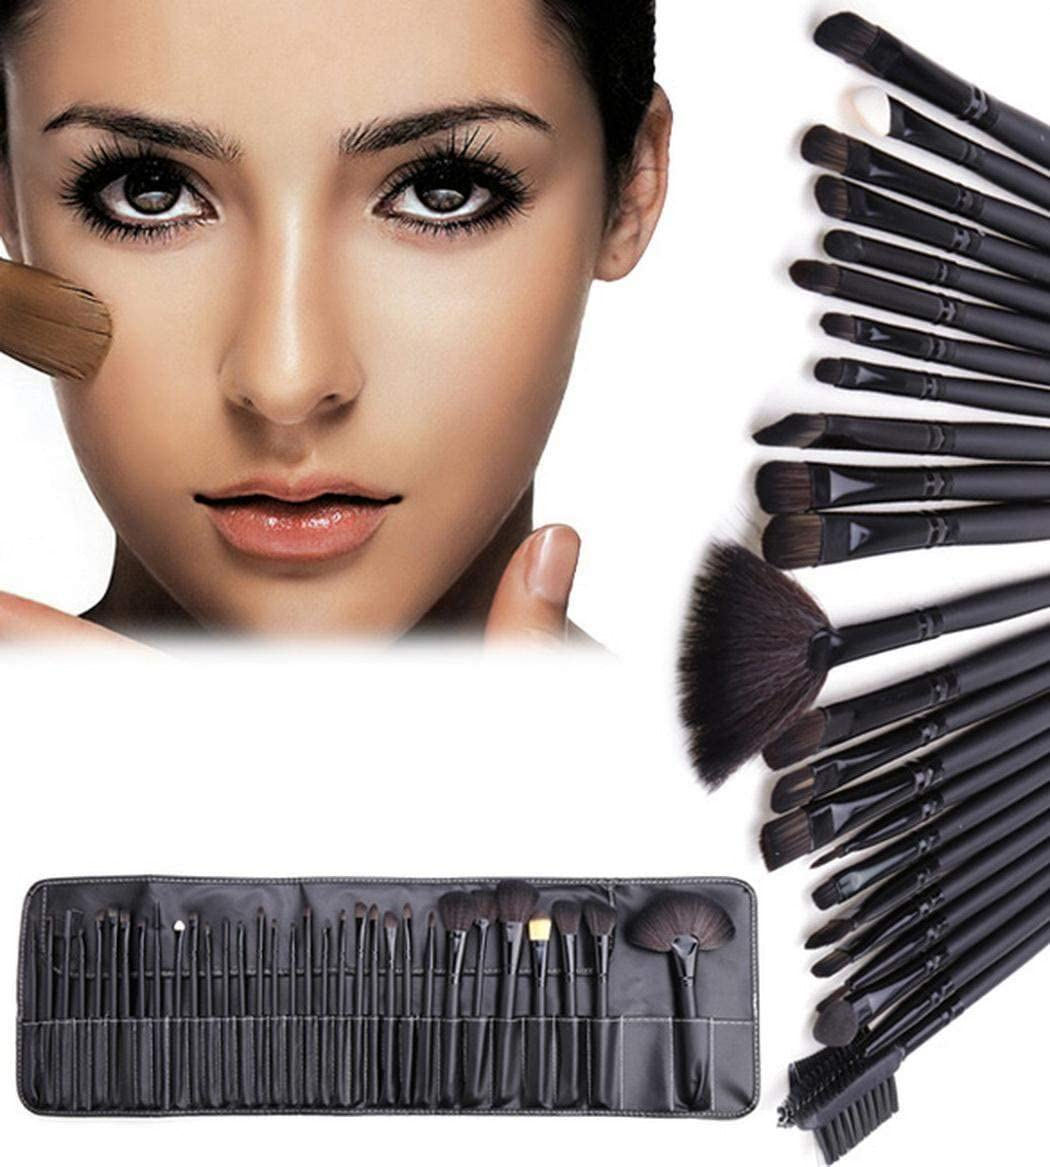 32 unidades. Juego de pinceles de maquillaje profesional, juego de pinceles de maquillaje mac negro con estuche: Amazon.es: Belleza